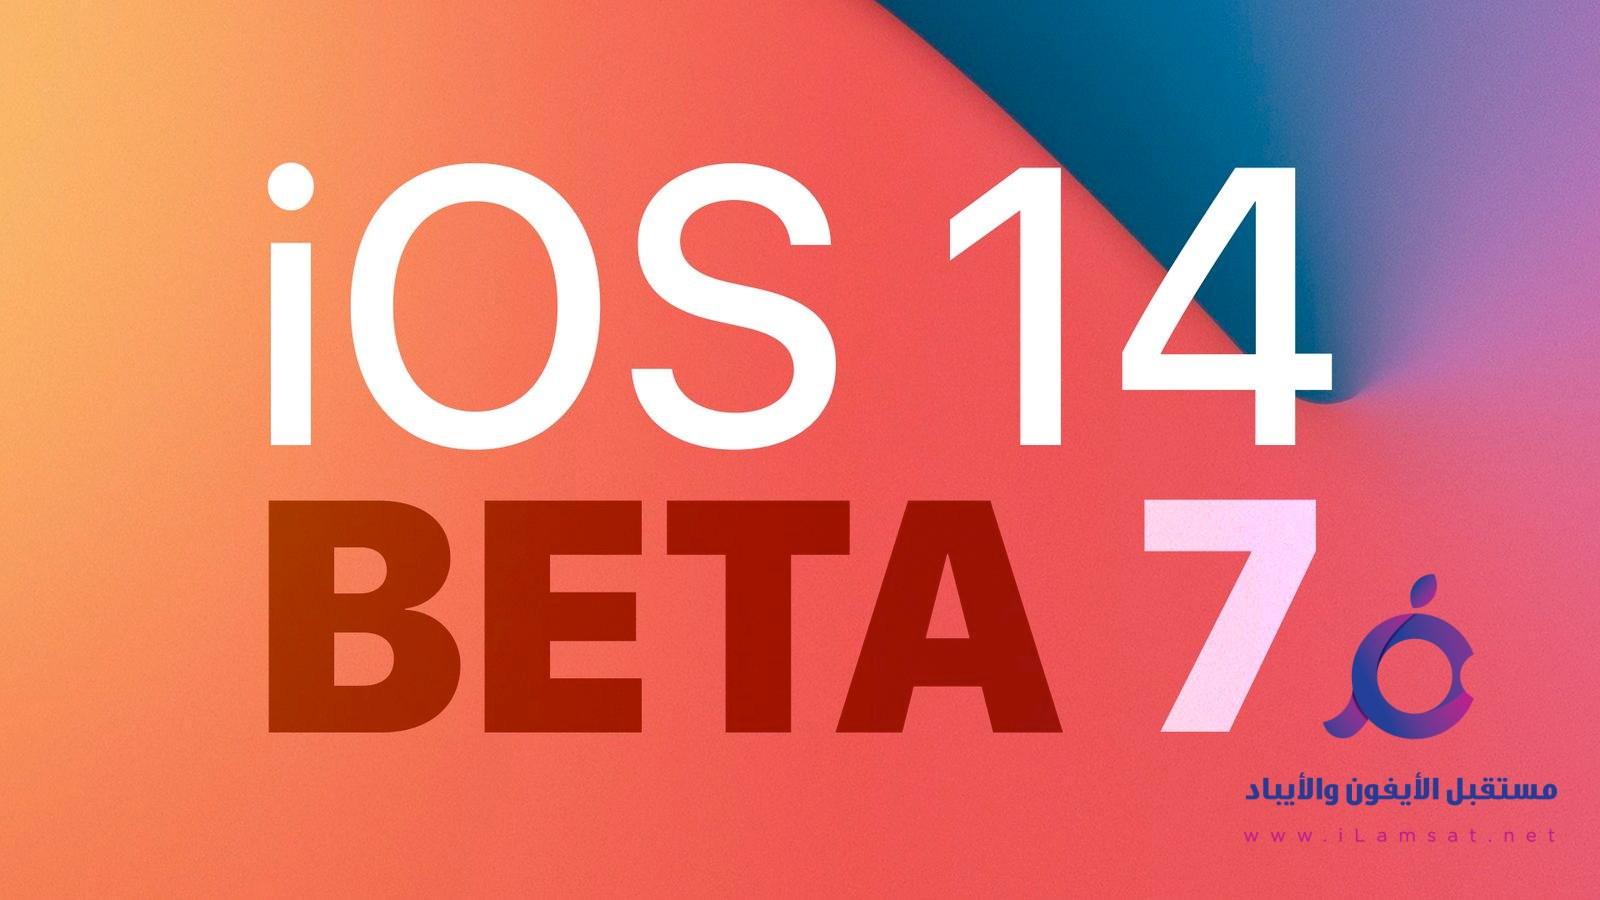 تعرف علي تحديث ios 14 beta 7 , مميزات, تحميل الاصدار التجريبي و موعد طرح ios 14